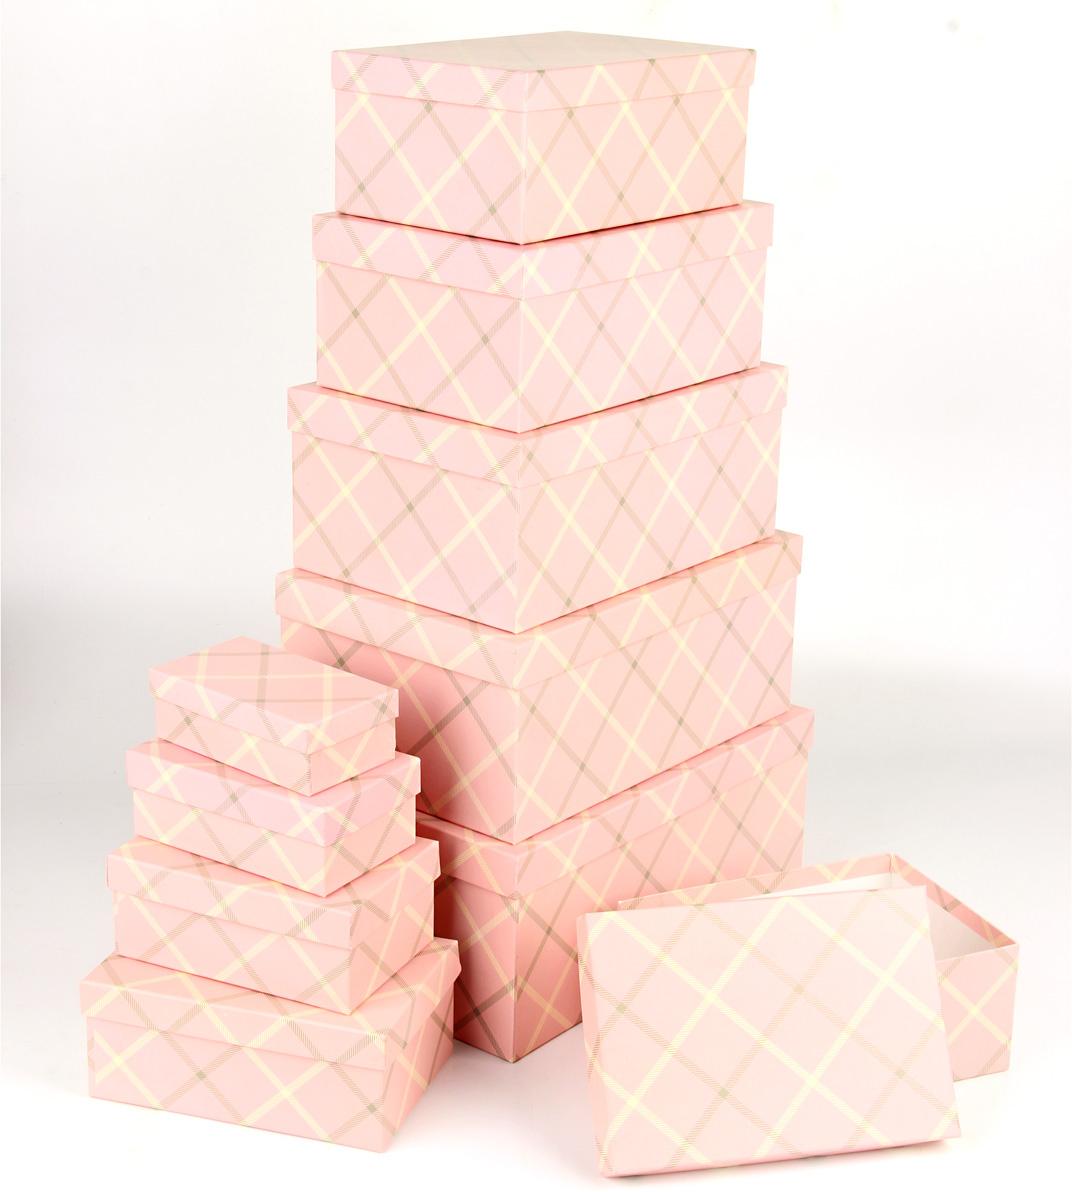 Набор подарочных коробок Veld-Co Розовый кашемир, прямоугольные, 10 шт набор подарочных коробок veld co морская тематика прямоугольные 5 шт